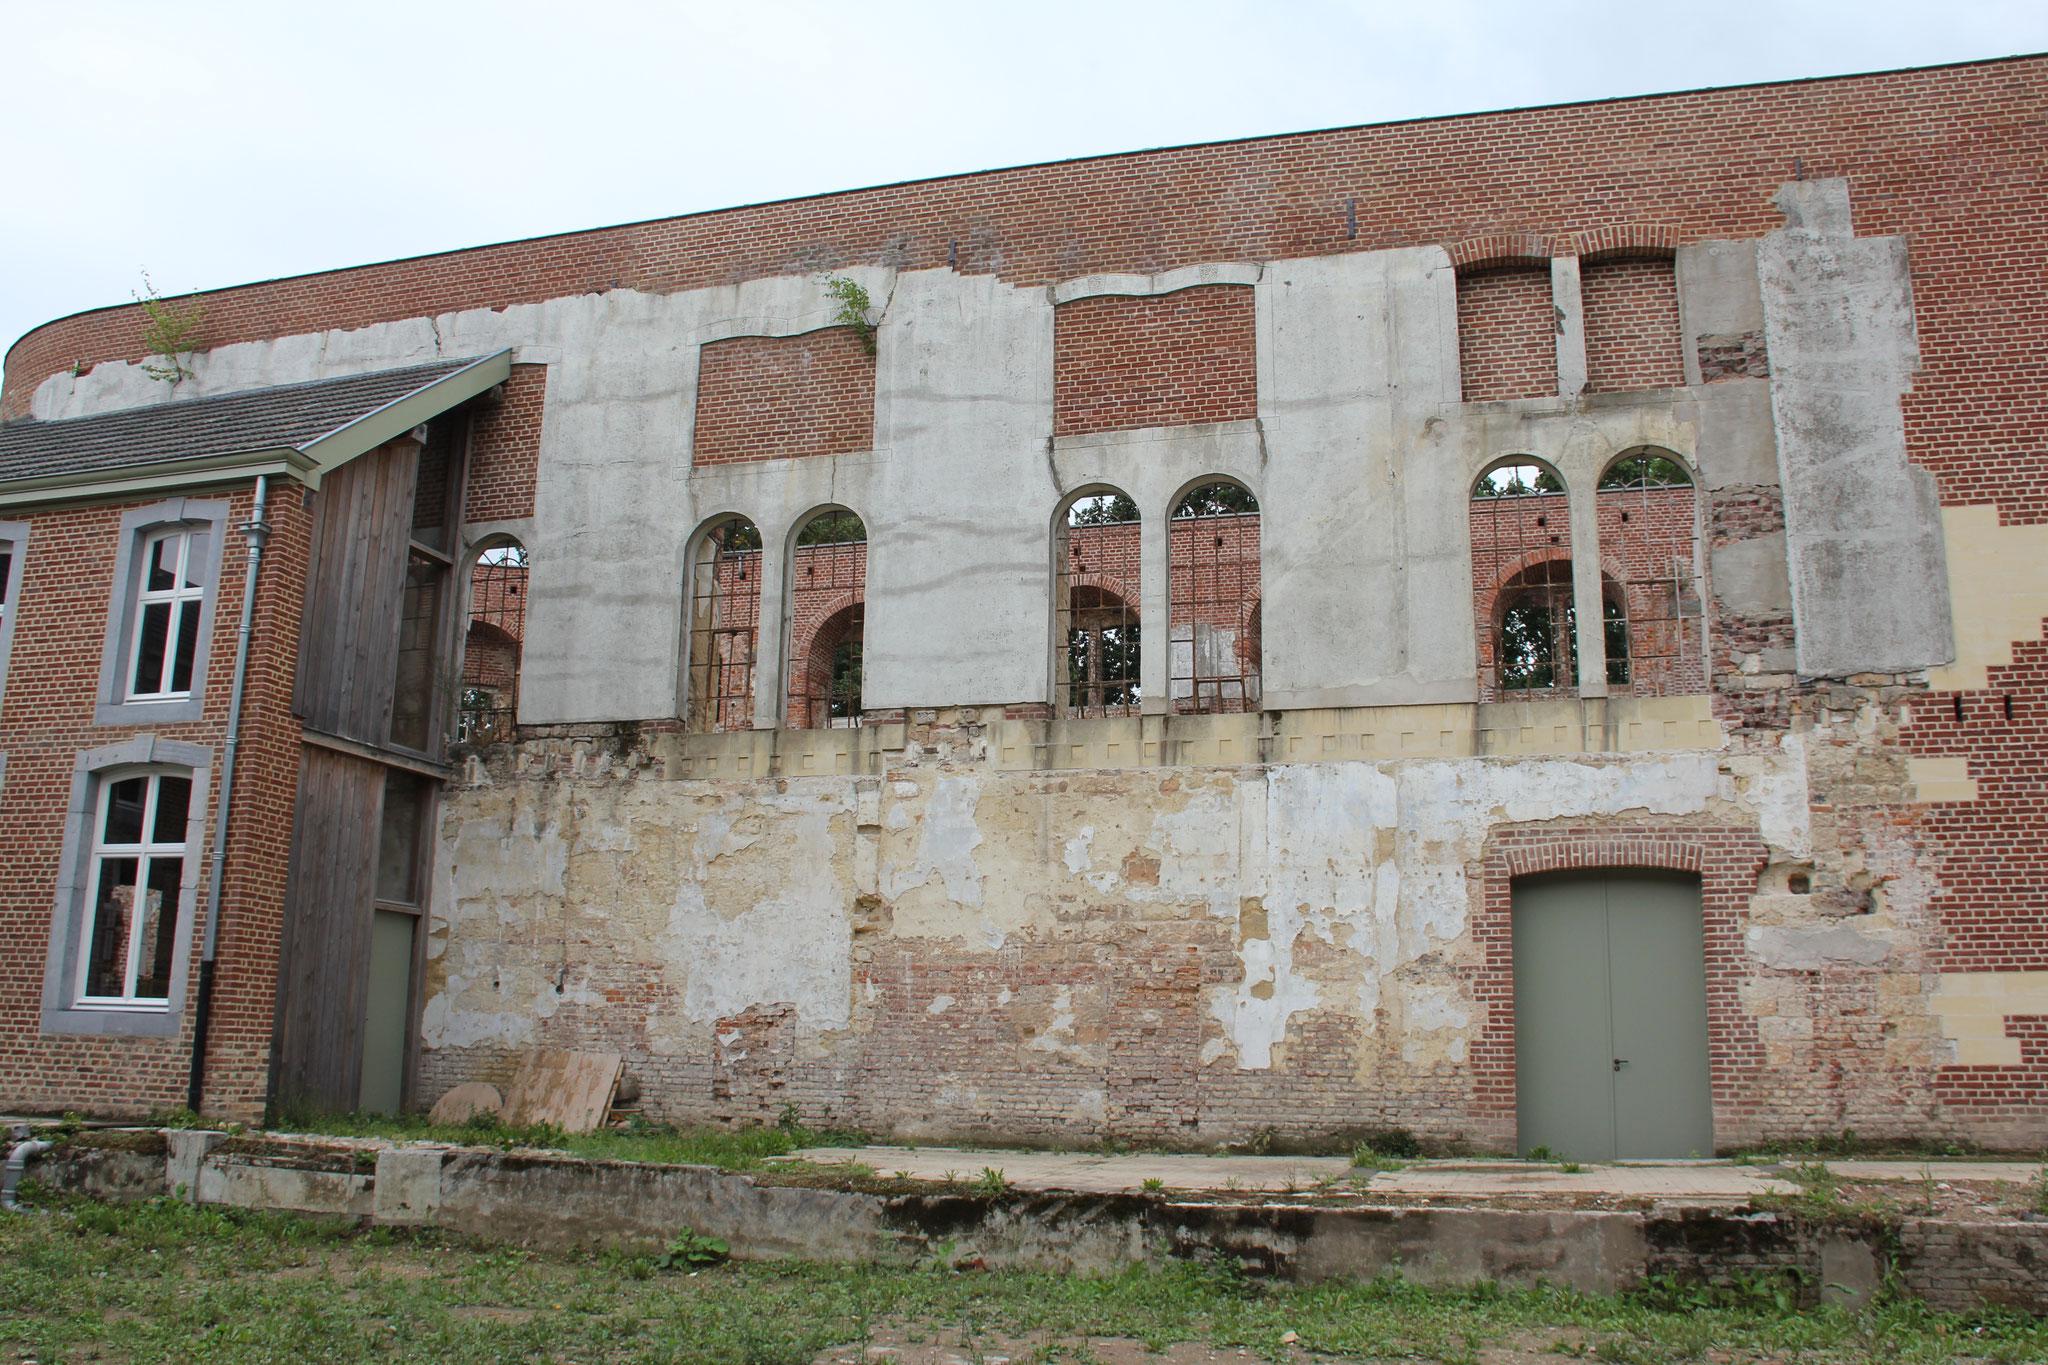 De noordgevel van de kapel met links de gerestaureerde, tweelaags kloostergang.